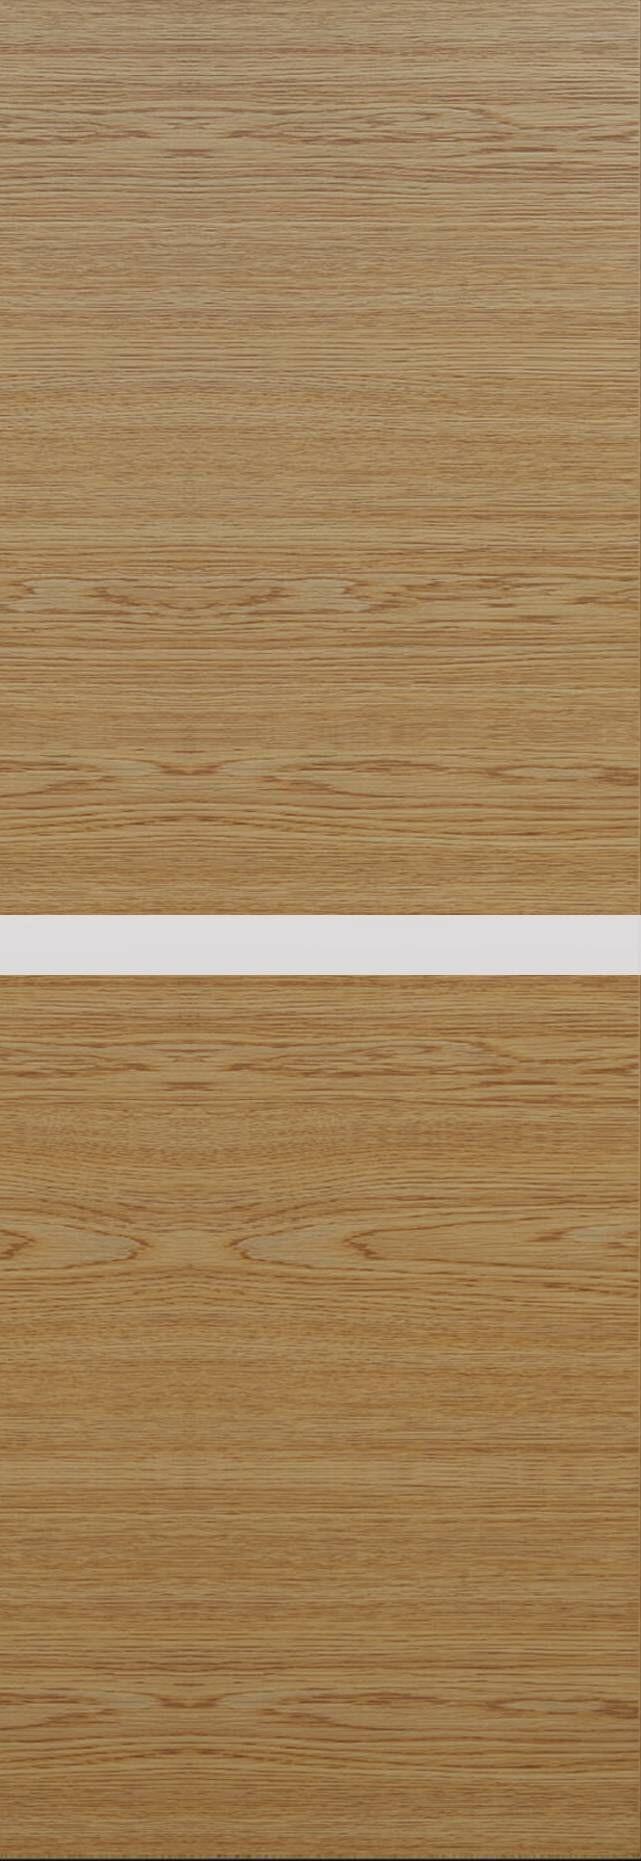 Tivoli Б-4 Invisible цвет - Дуб карамель Без стекла (ДГ)